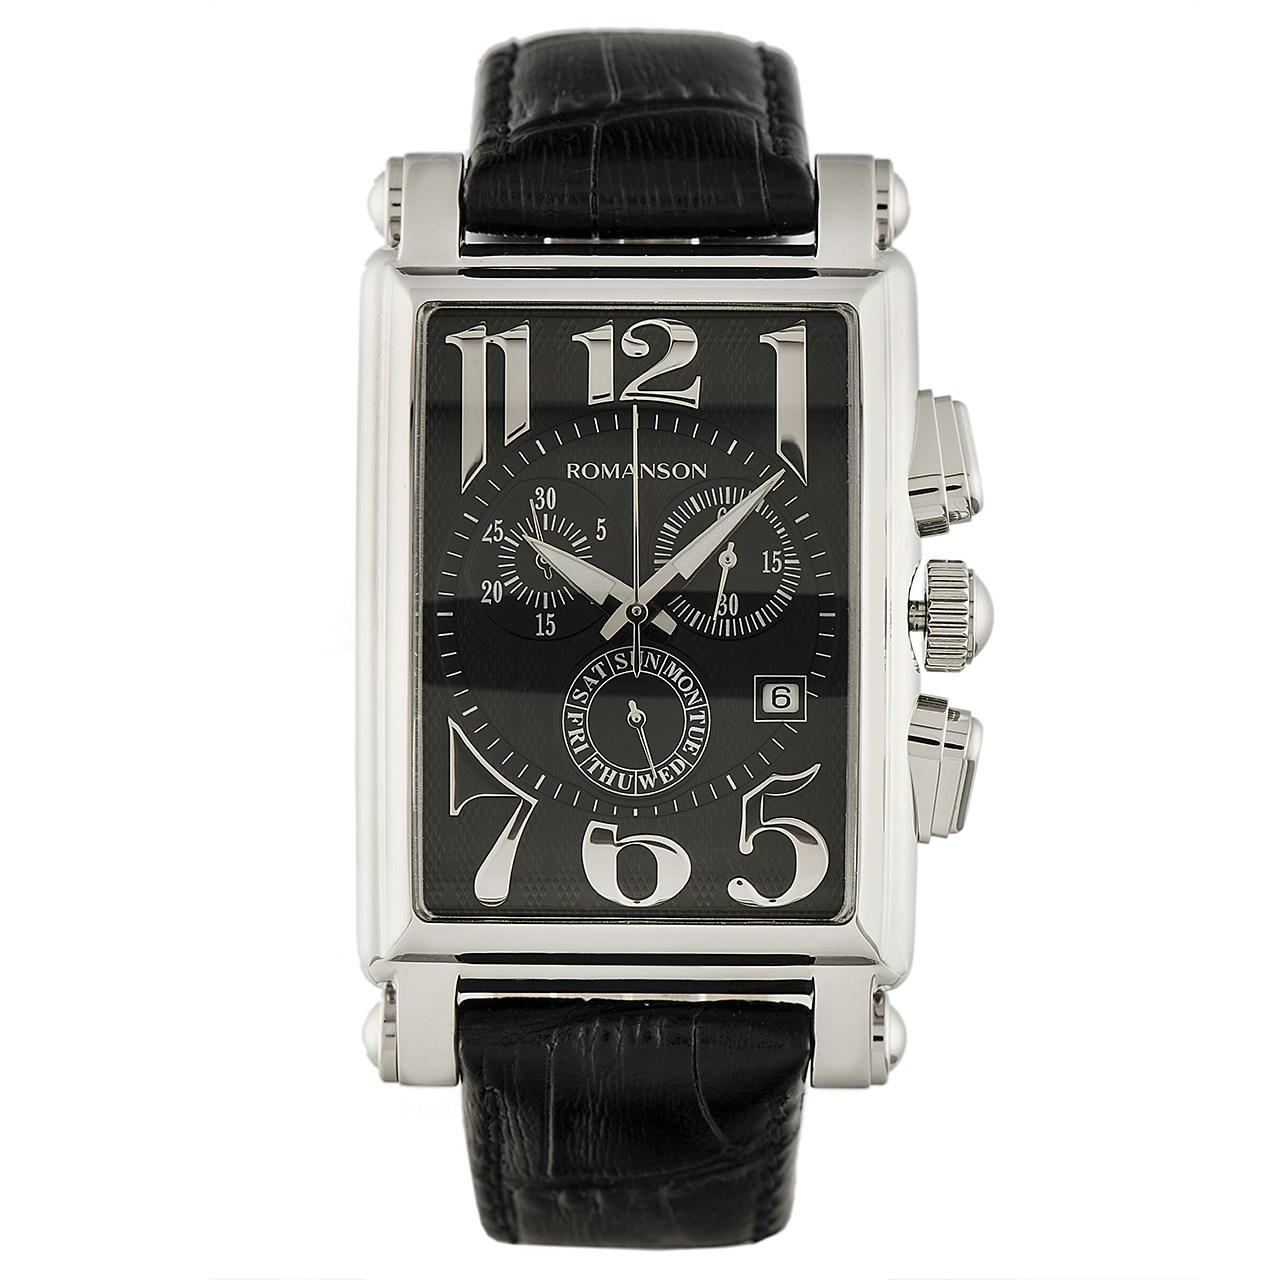 ساعت مچی عقربه ای مردانه رومانسون مدل TL6599HM1WA32W